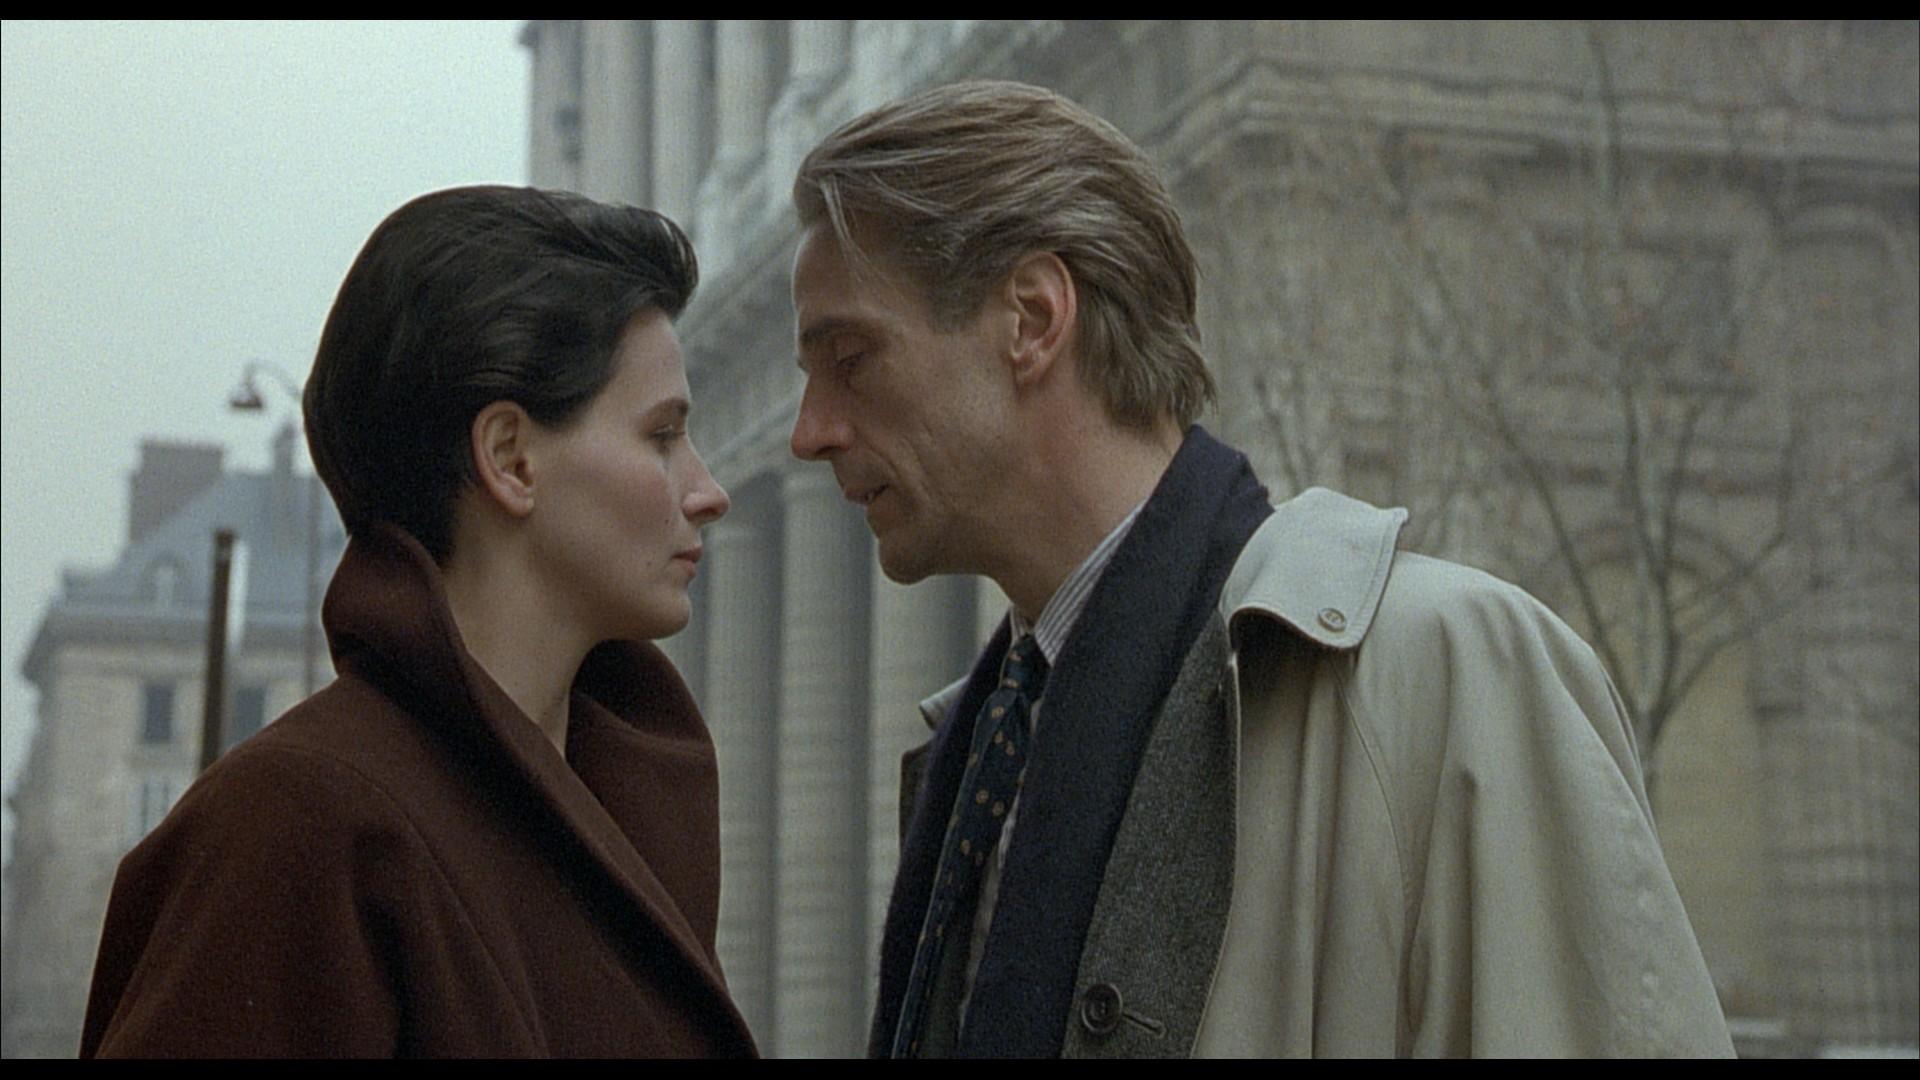 法國國寶級影后茱麗葉畢諾許超尺度演出 《烈火情人》經典重現